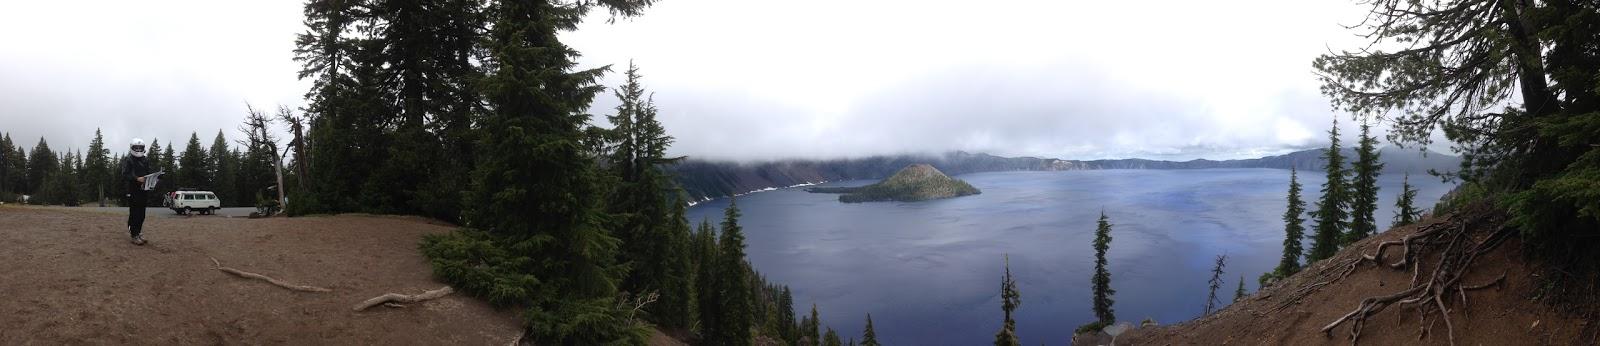 360 degree panorama Crater Lake